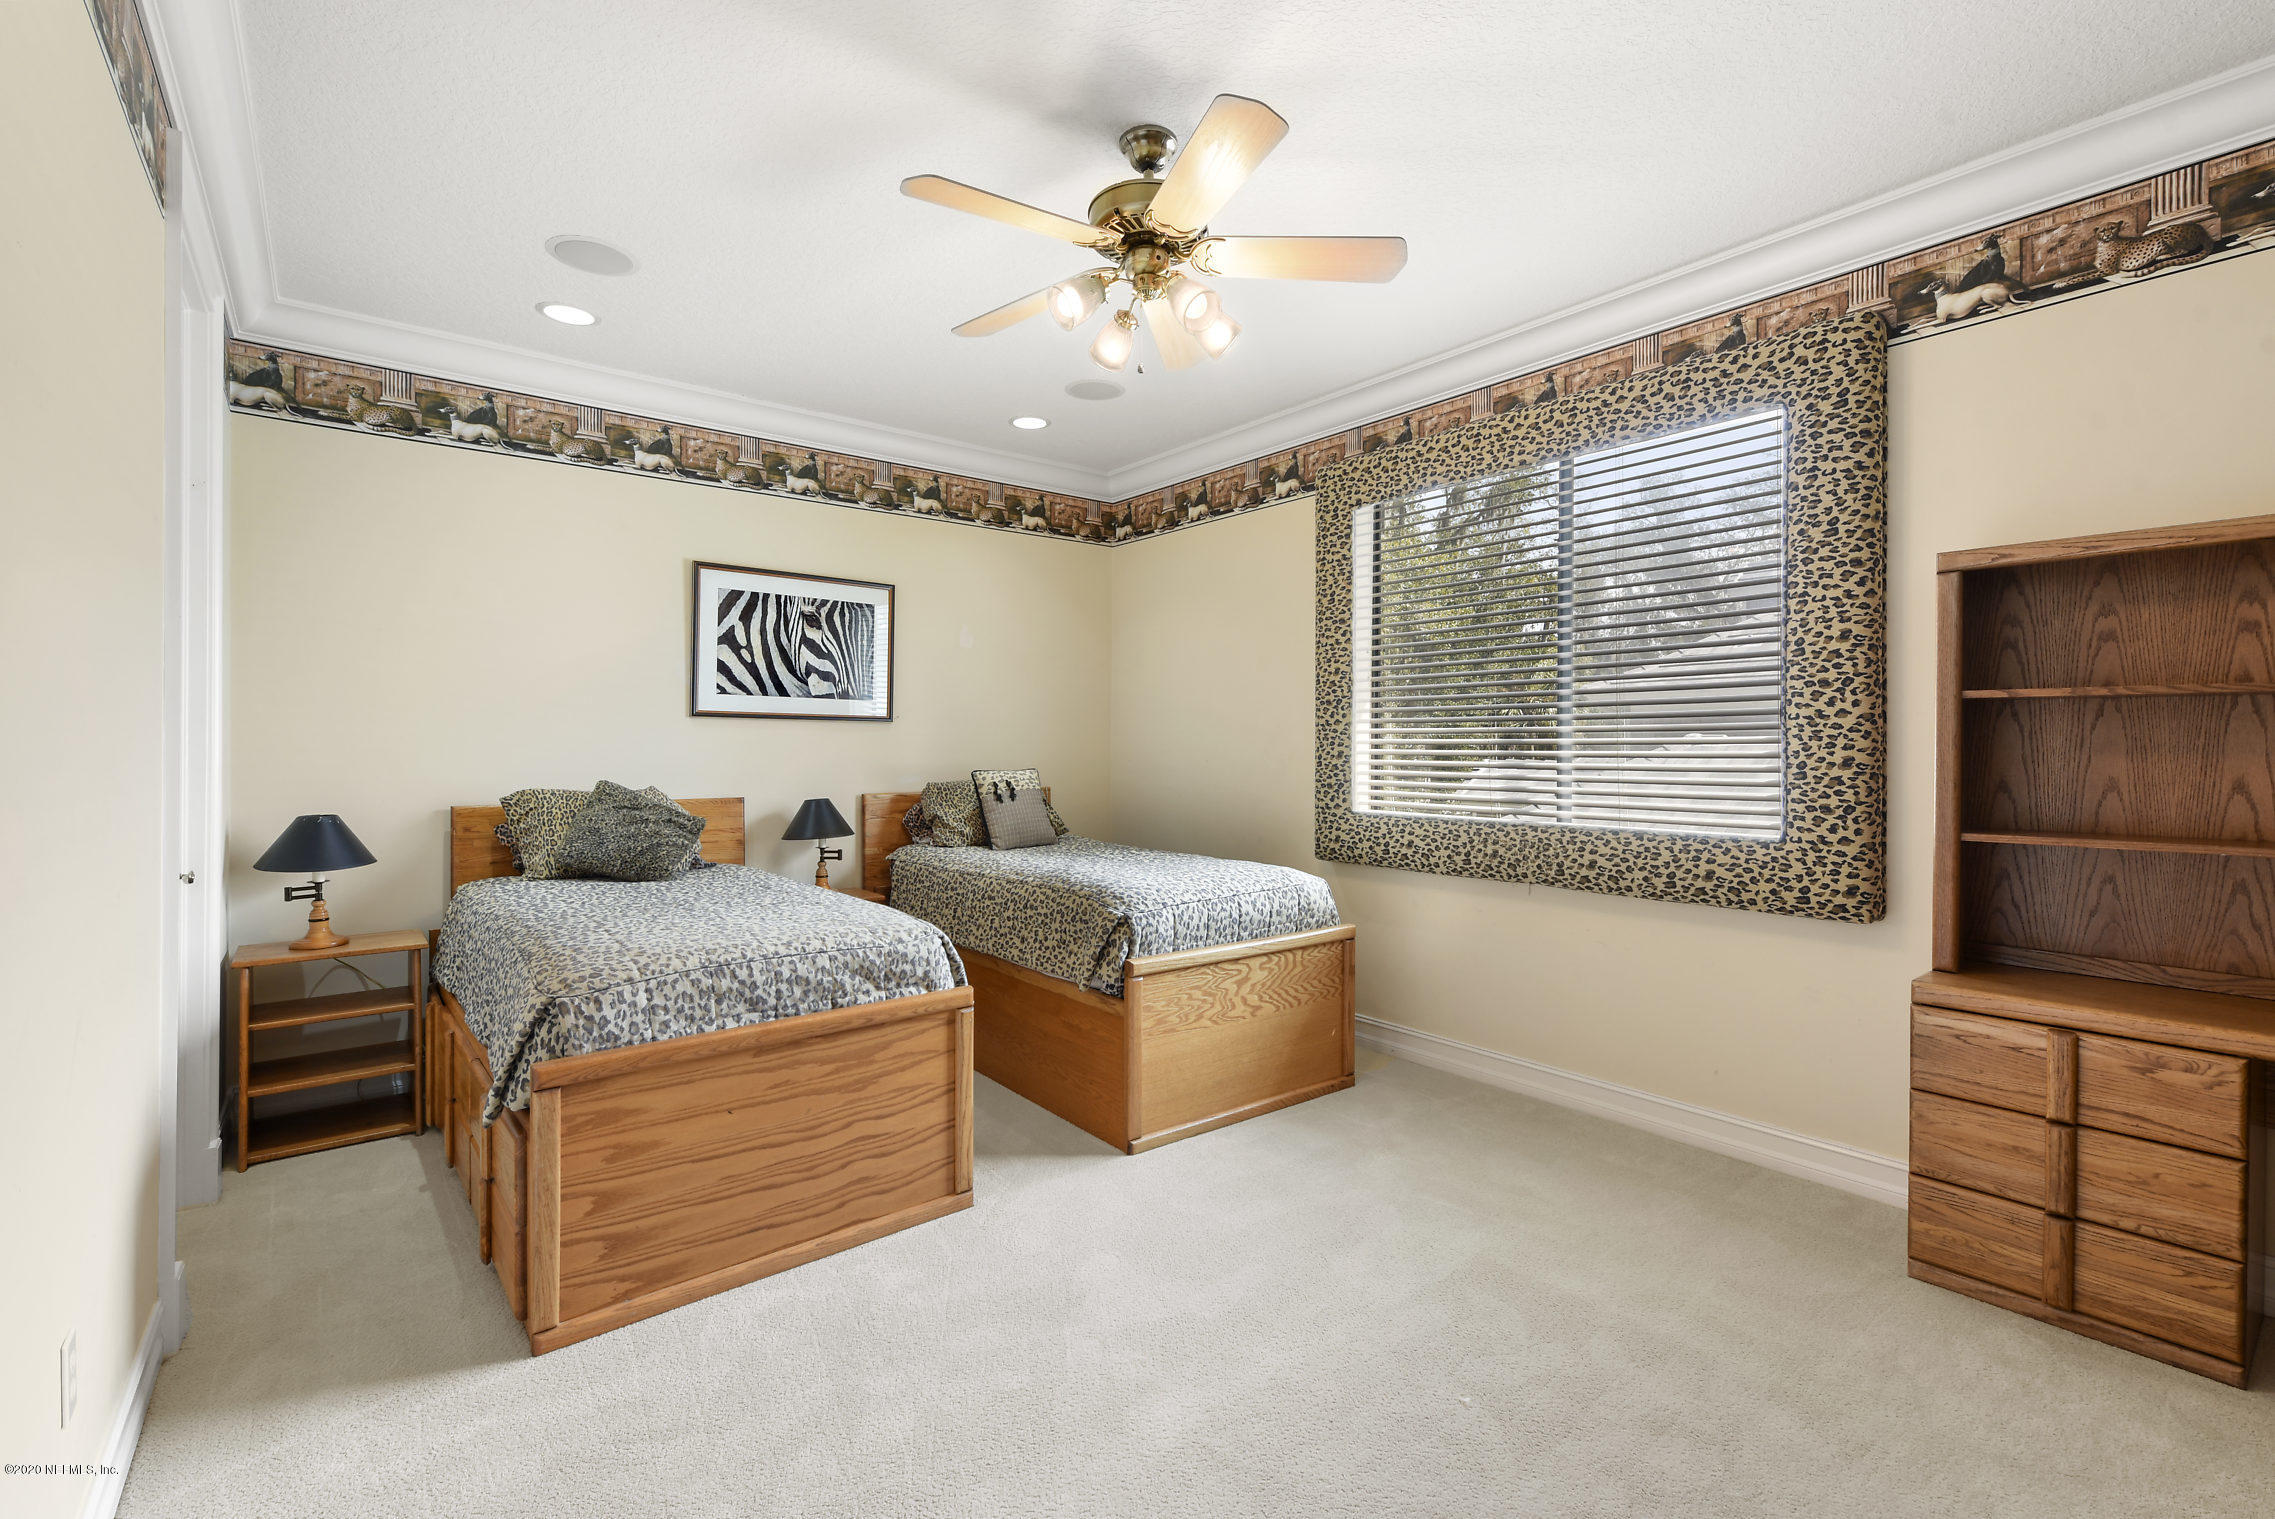 197 ADMIRALS, PONTE VEDRA BEACH, FLORIDA 32082, 5 Bedrooms Bedrooms, ,6 BathroomsBathrooms,Residential,For sale,ADMIRALS,1051268